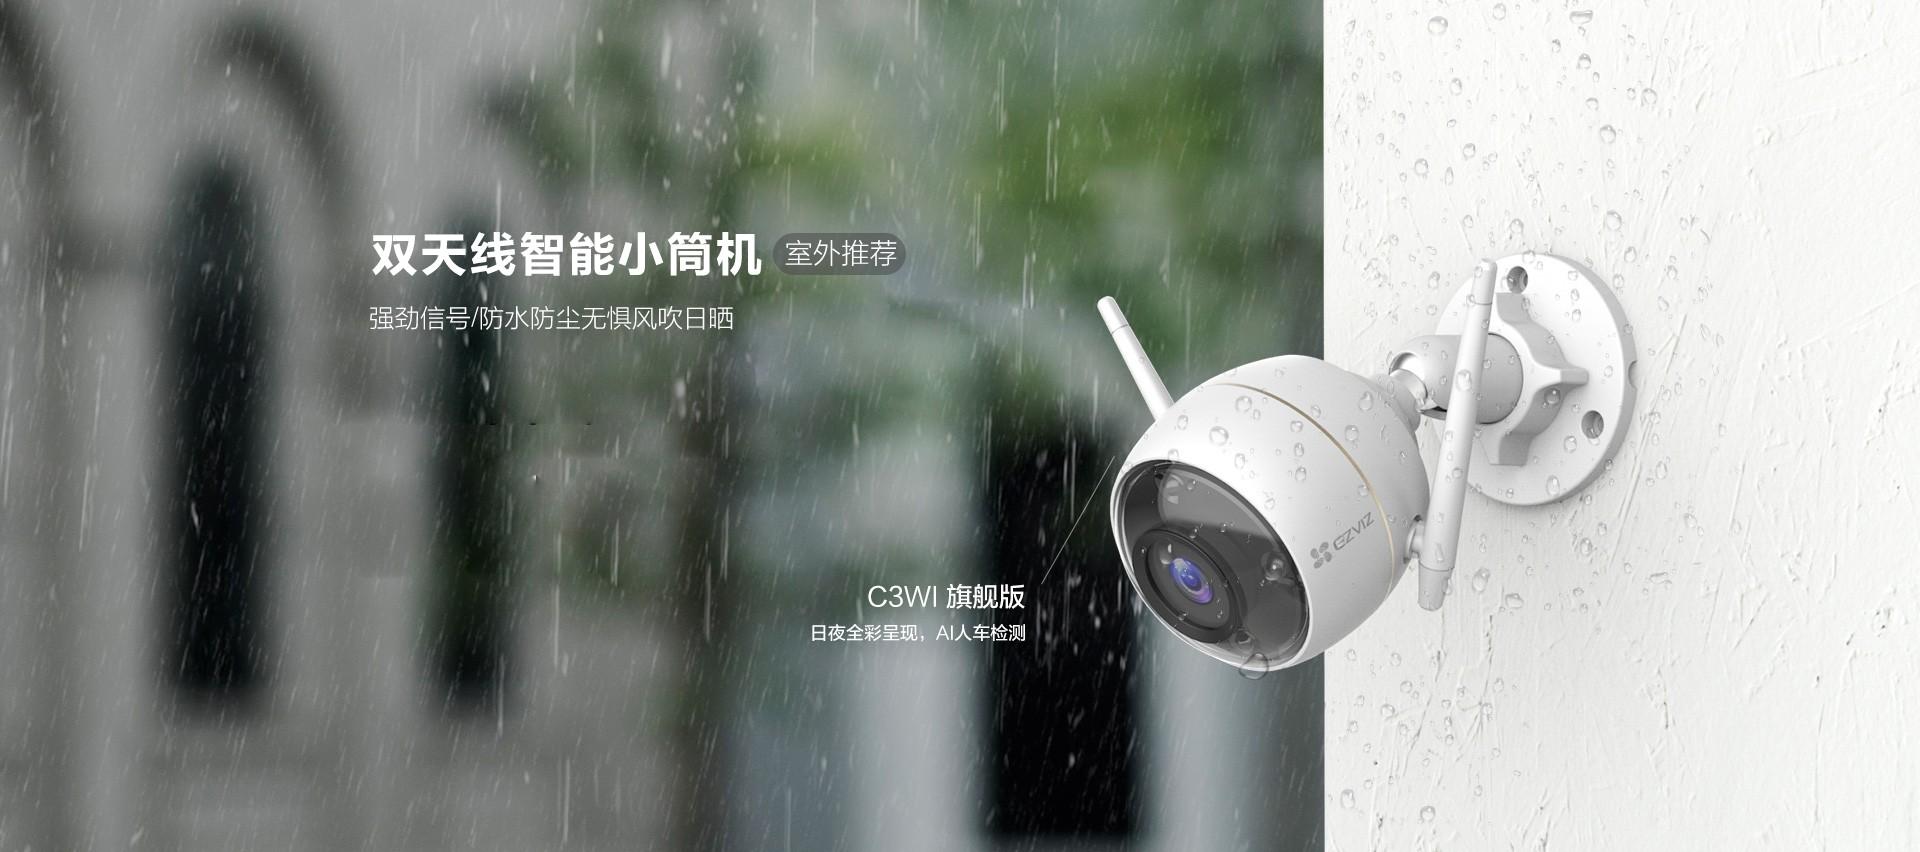 全屋安全智能套装pc_10.jpg